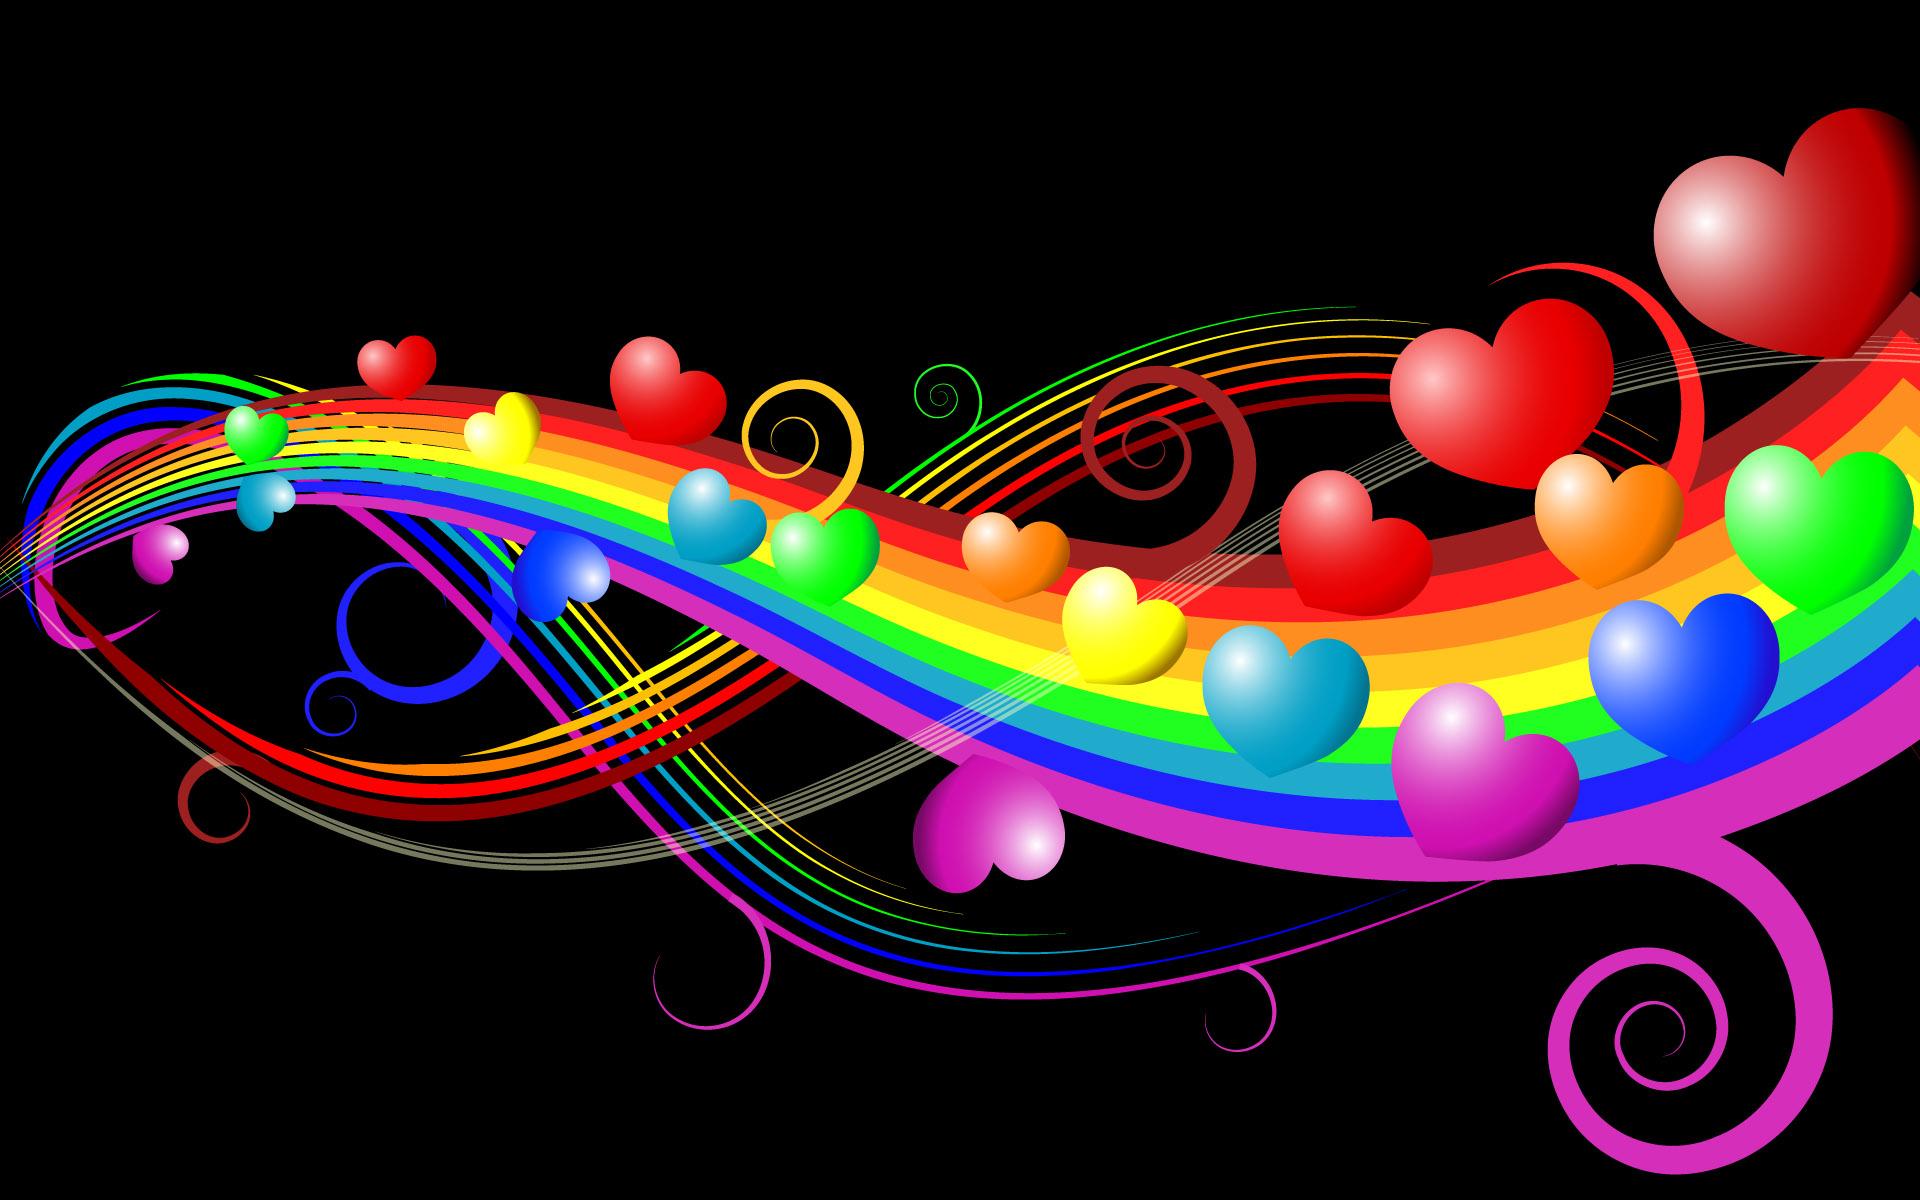 I Love Music Hd Wallpaper For Mobile